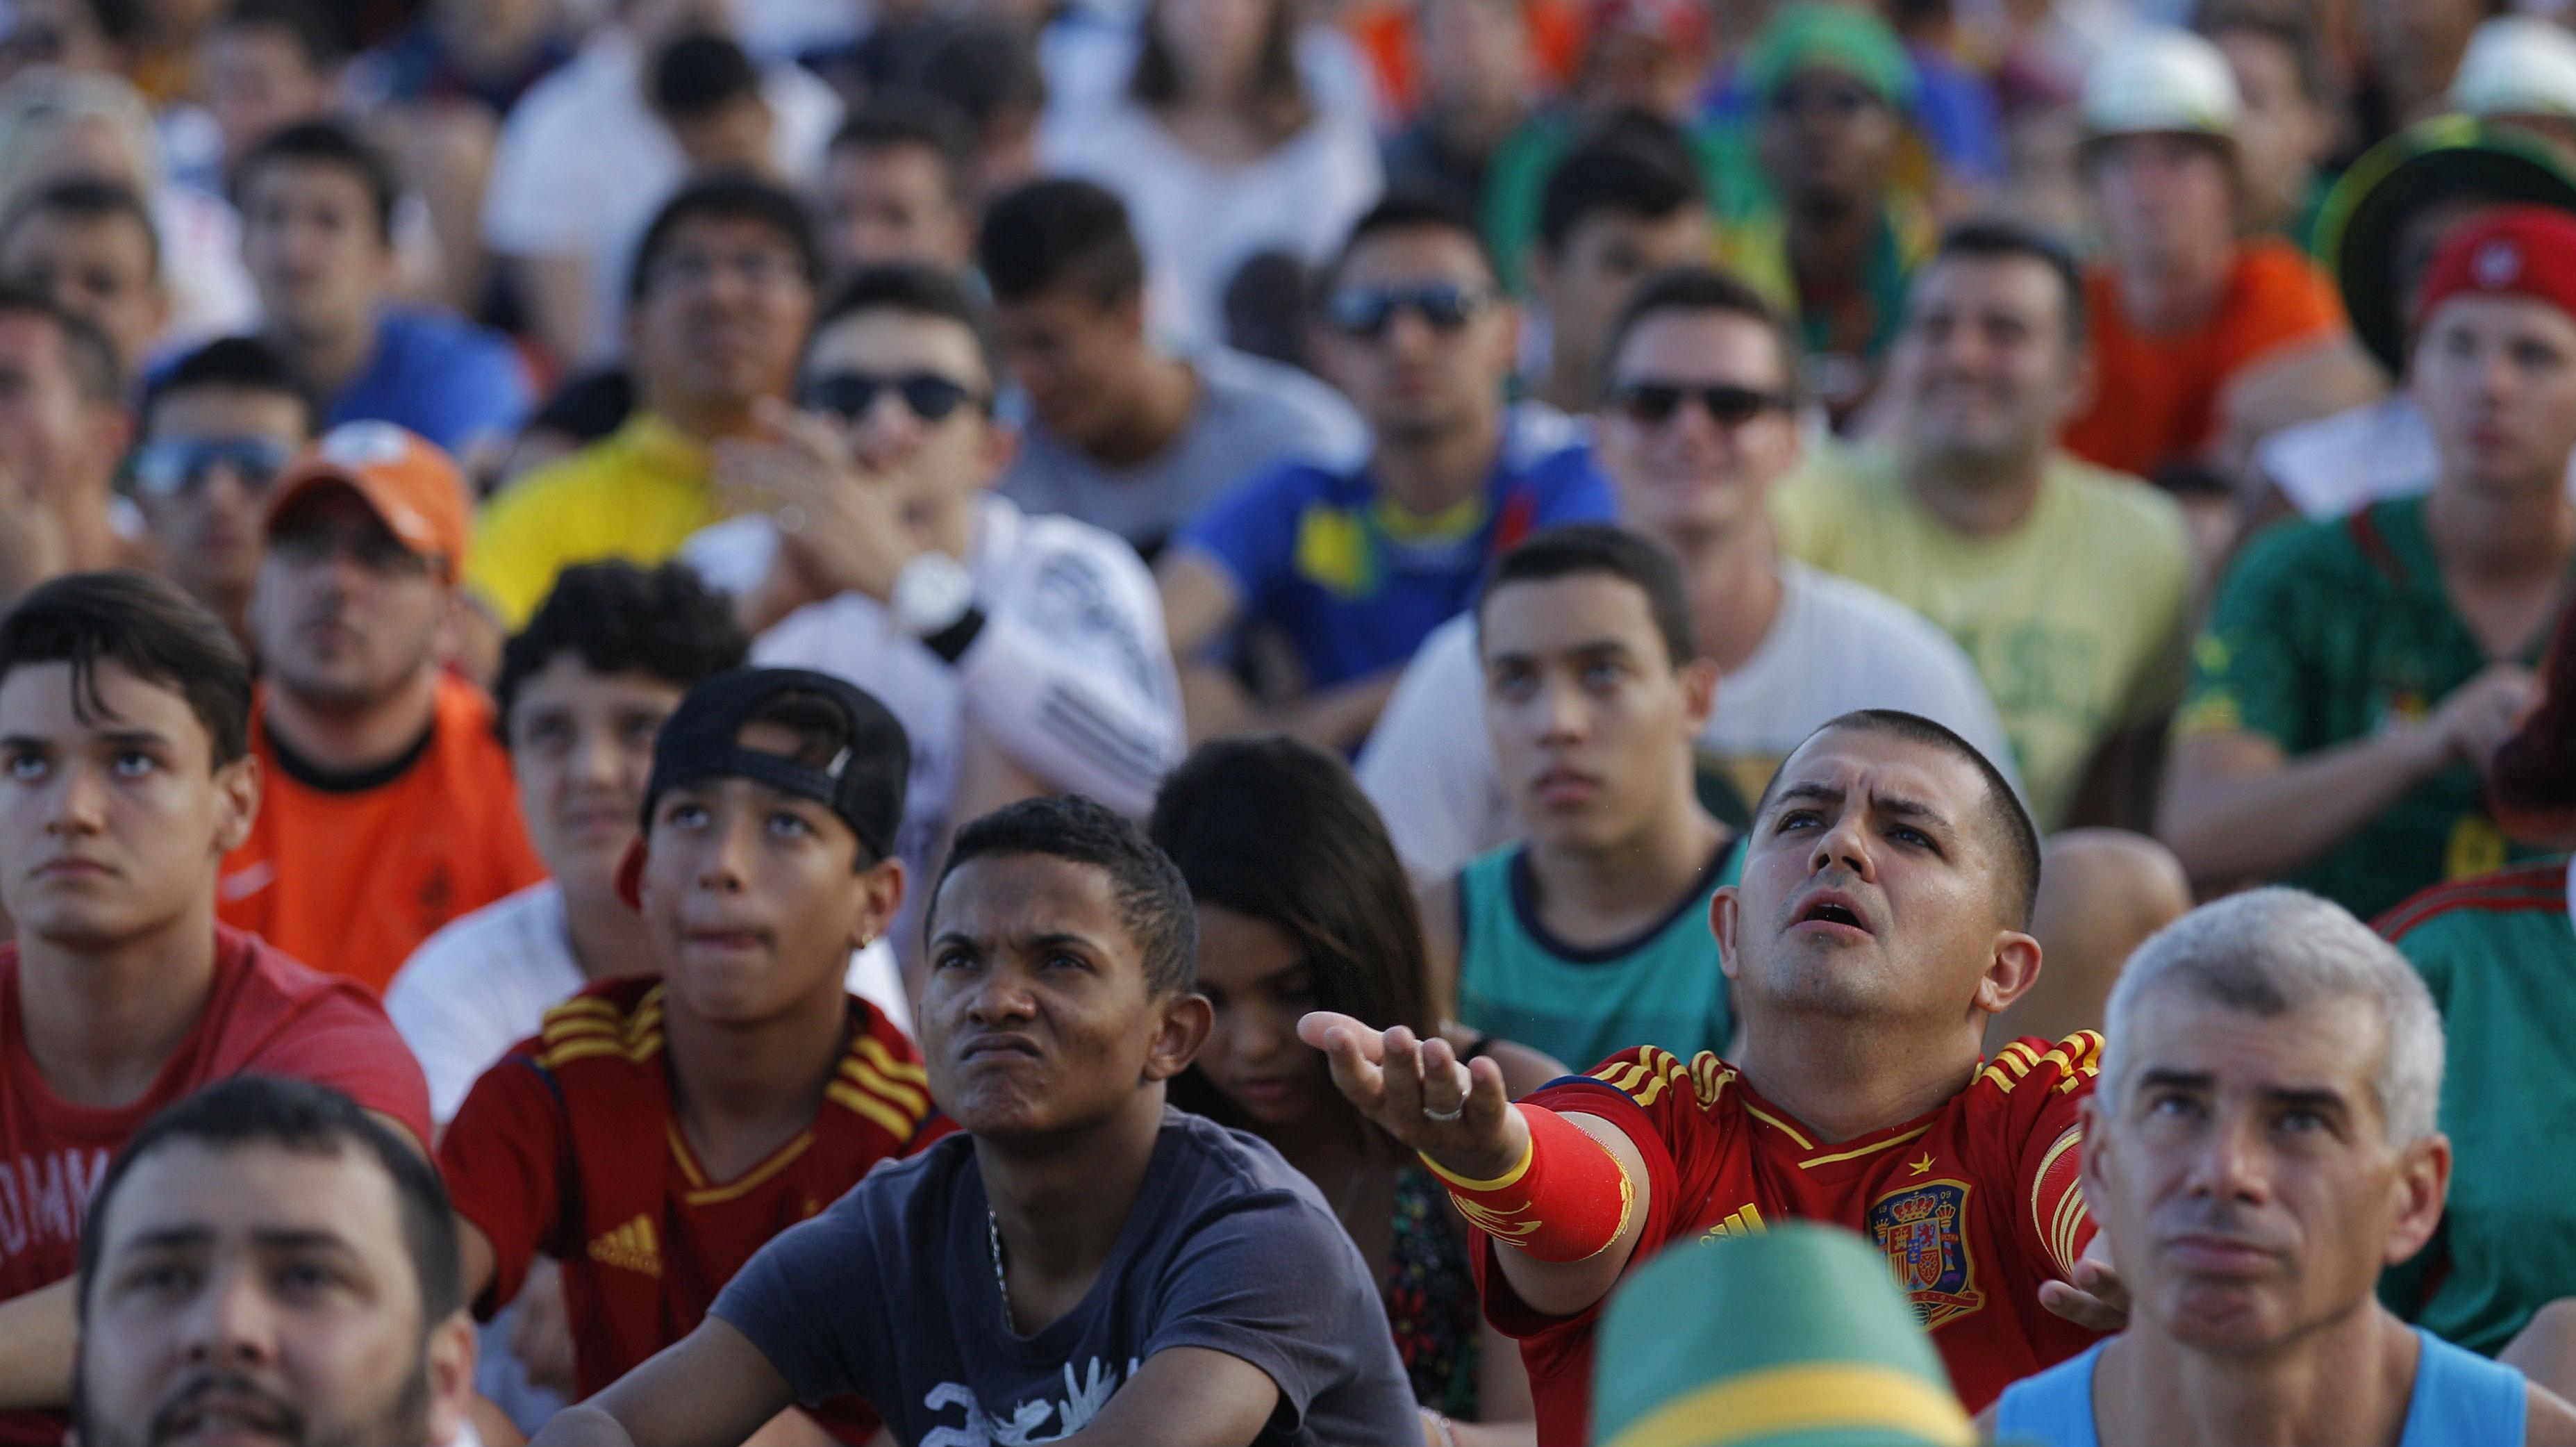 西班牙人为足球花费几何?外媒:每年人均交通费900欧